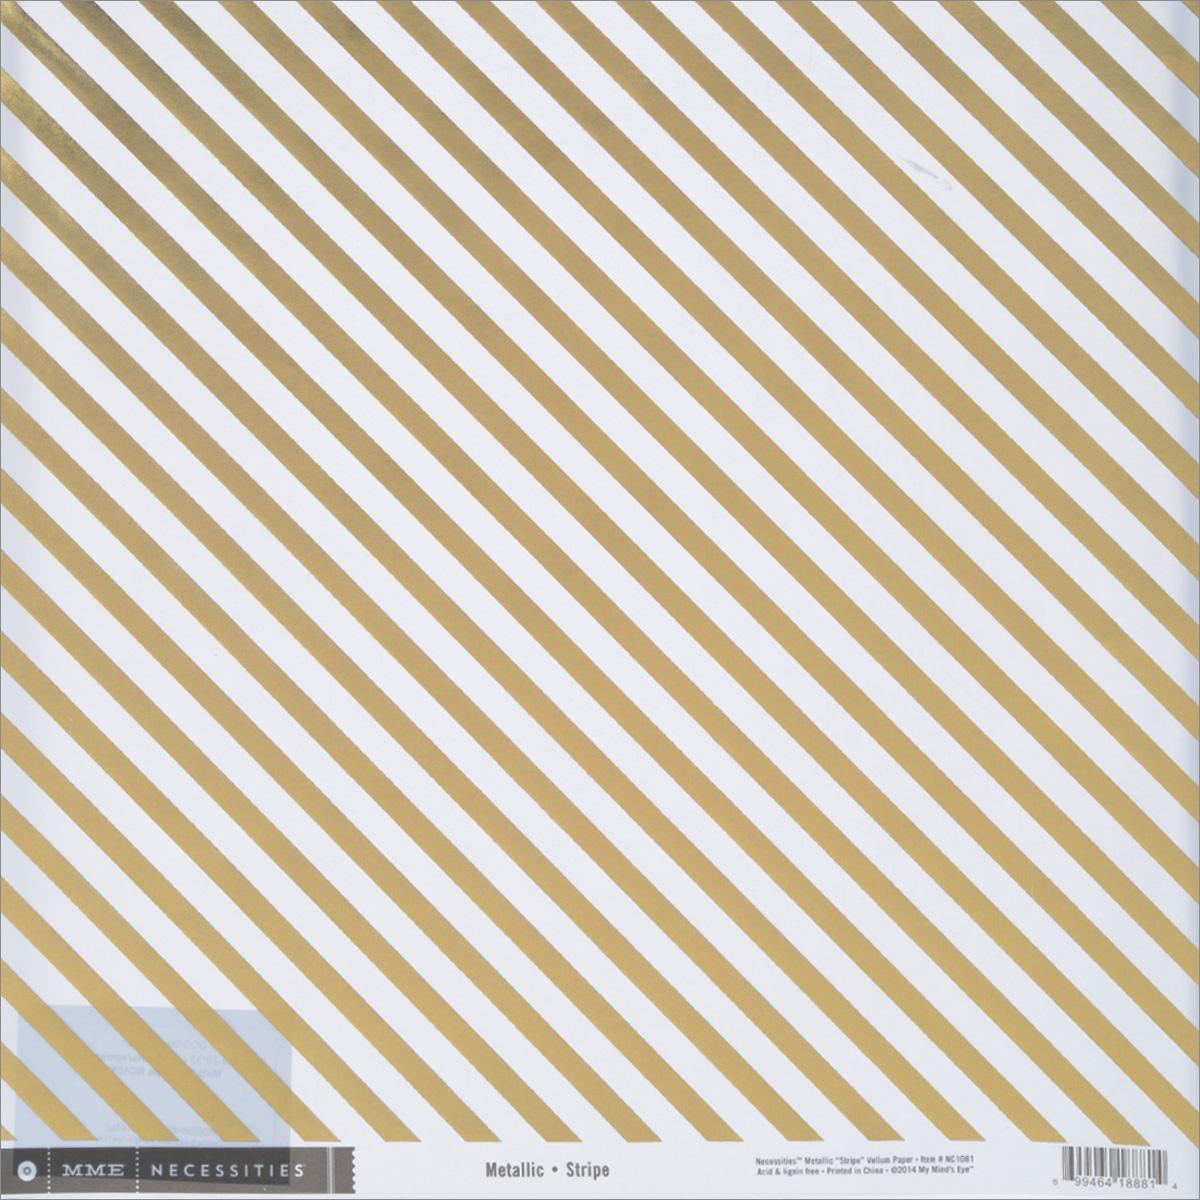 Веллум My Minds Eye Metallic Stripe, 30,5 х 30,5 смNC1081Веллум My Minds Eye Metallic Stripe прекрасно подойдет для оформления творческих работ в технике скрапбукинга. Веллум - это вид бумаги, который переводится как калька, хотя он гораздо плотнее и более однороден по фактуре. Его можно использовать для украшения фотоальбомов, скрап-страничек, подарков, конвертов, фоторамок, открыток и многого другого. Веллум оформлен золотистыми фольгированными полосками. Скрапбукинг - это хобби, которое способно приносить массу приятных эмоций не только человеку, который этим занимается, но и его близким, друзьям, родным. Это невероятно увлекательное занятие, которое поможет вам сохранить наиболее памятные и яркие моменты вашей жизни, а также интересно оформить интерьер дома. Размер листа: 30,5 см х 30,5 см. Плотность: 80 г/м2.